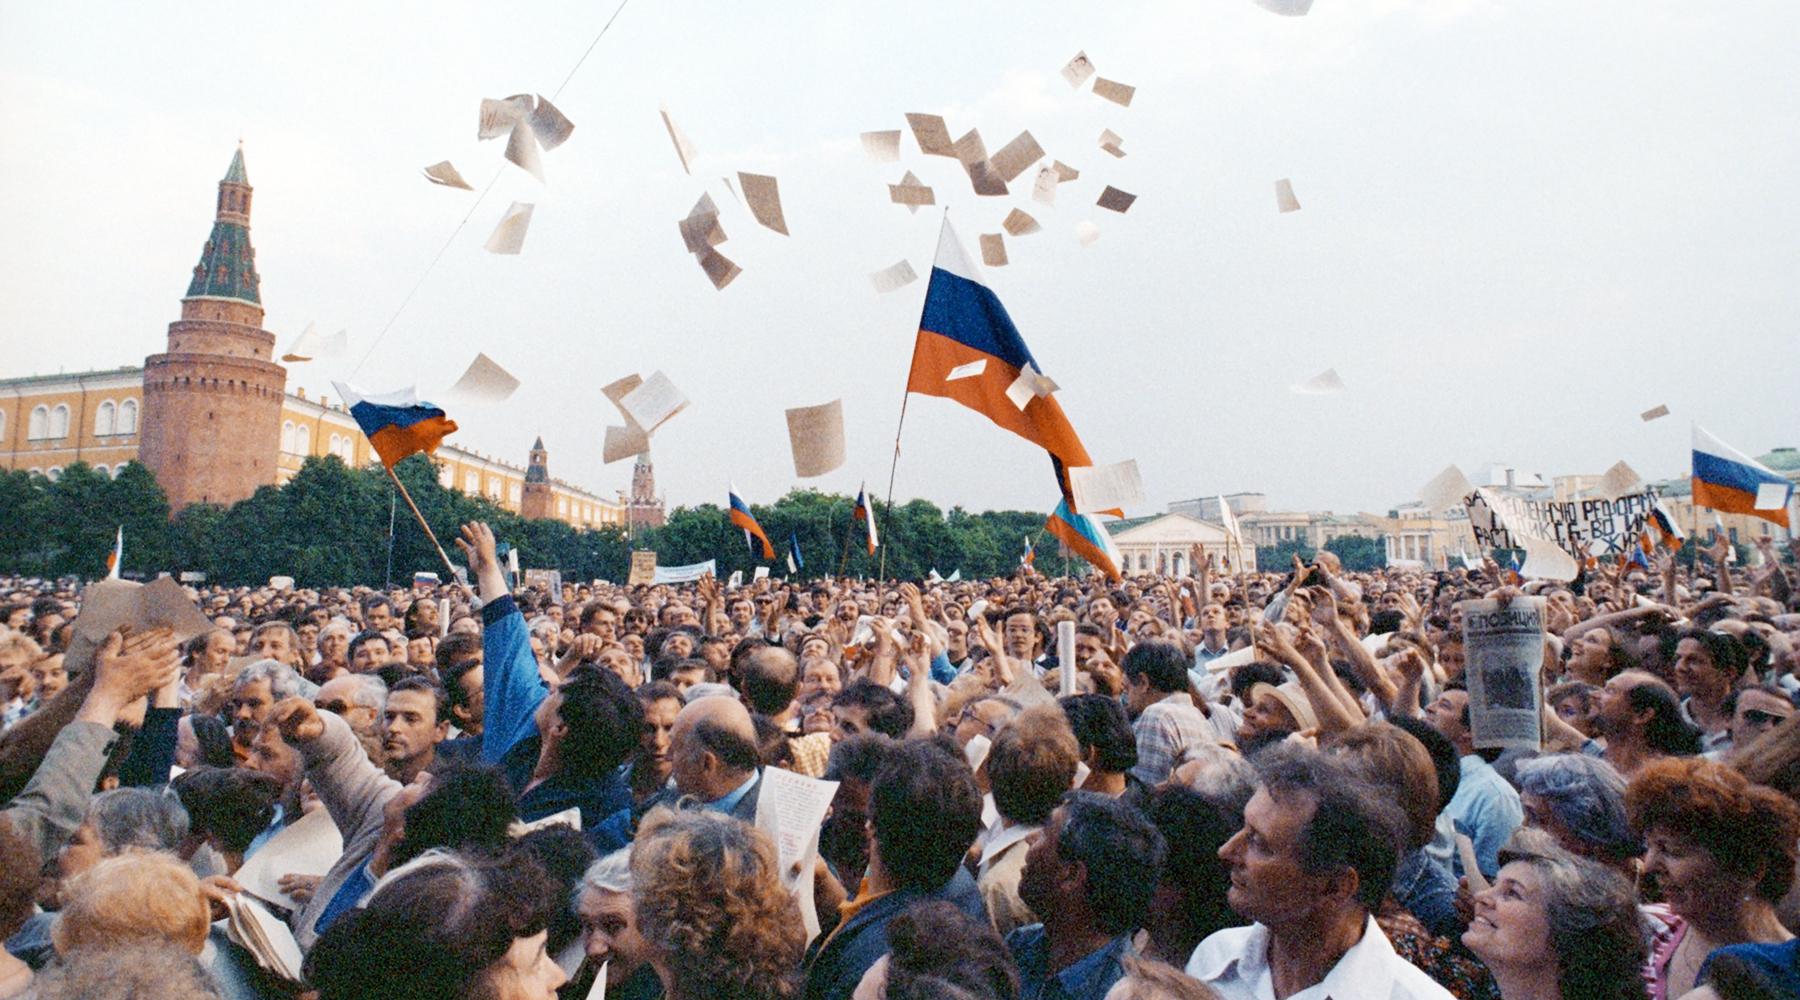 «Оценка его фигуры ещё впереди»: политики и общественные деятели — о роли Бориса Ельцина в истории современной России1